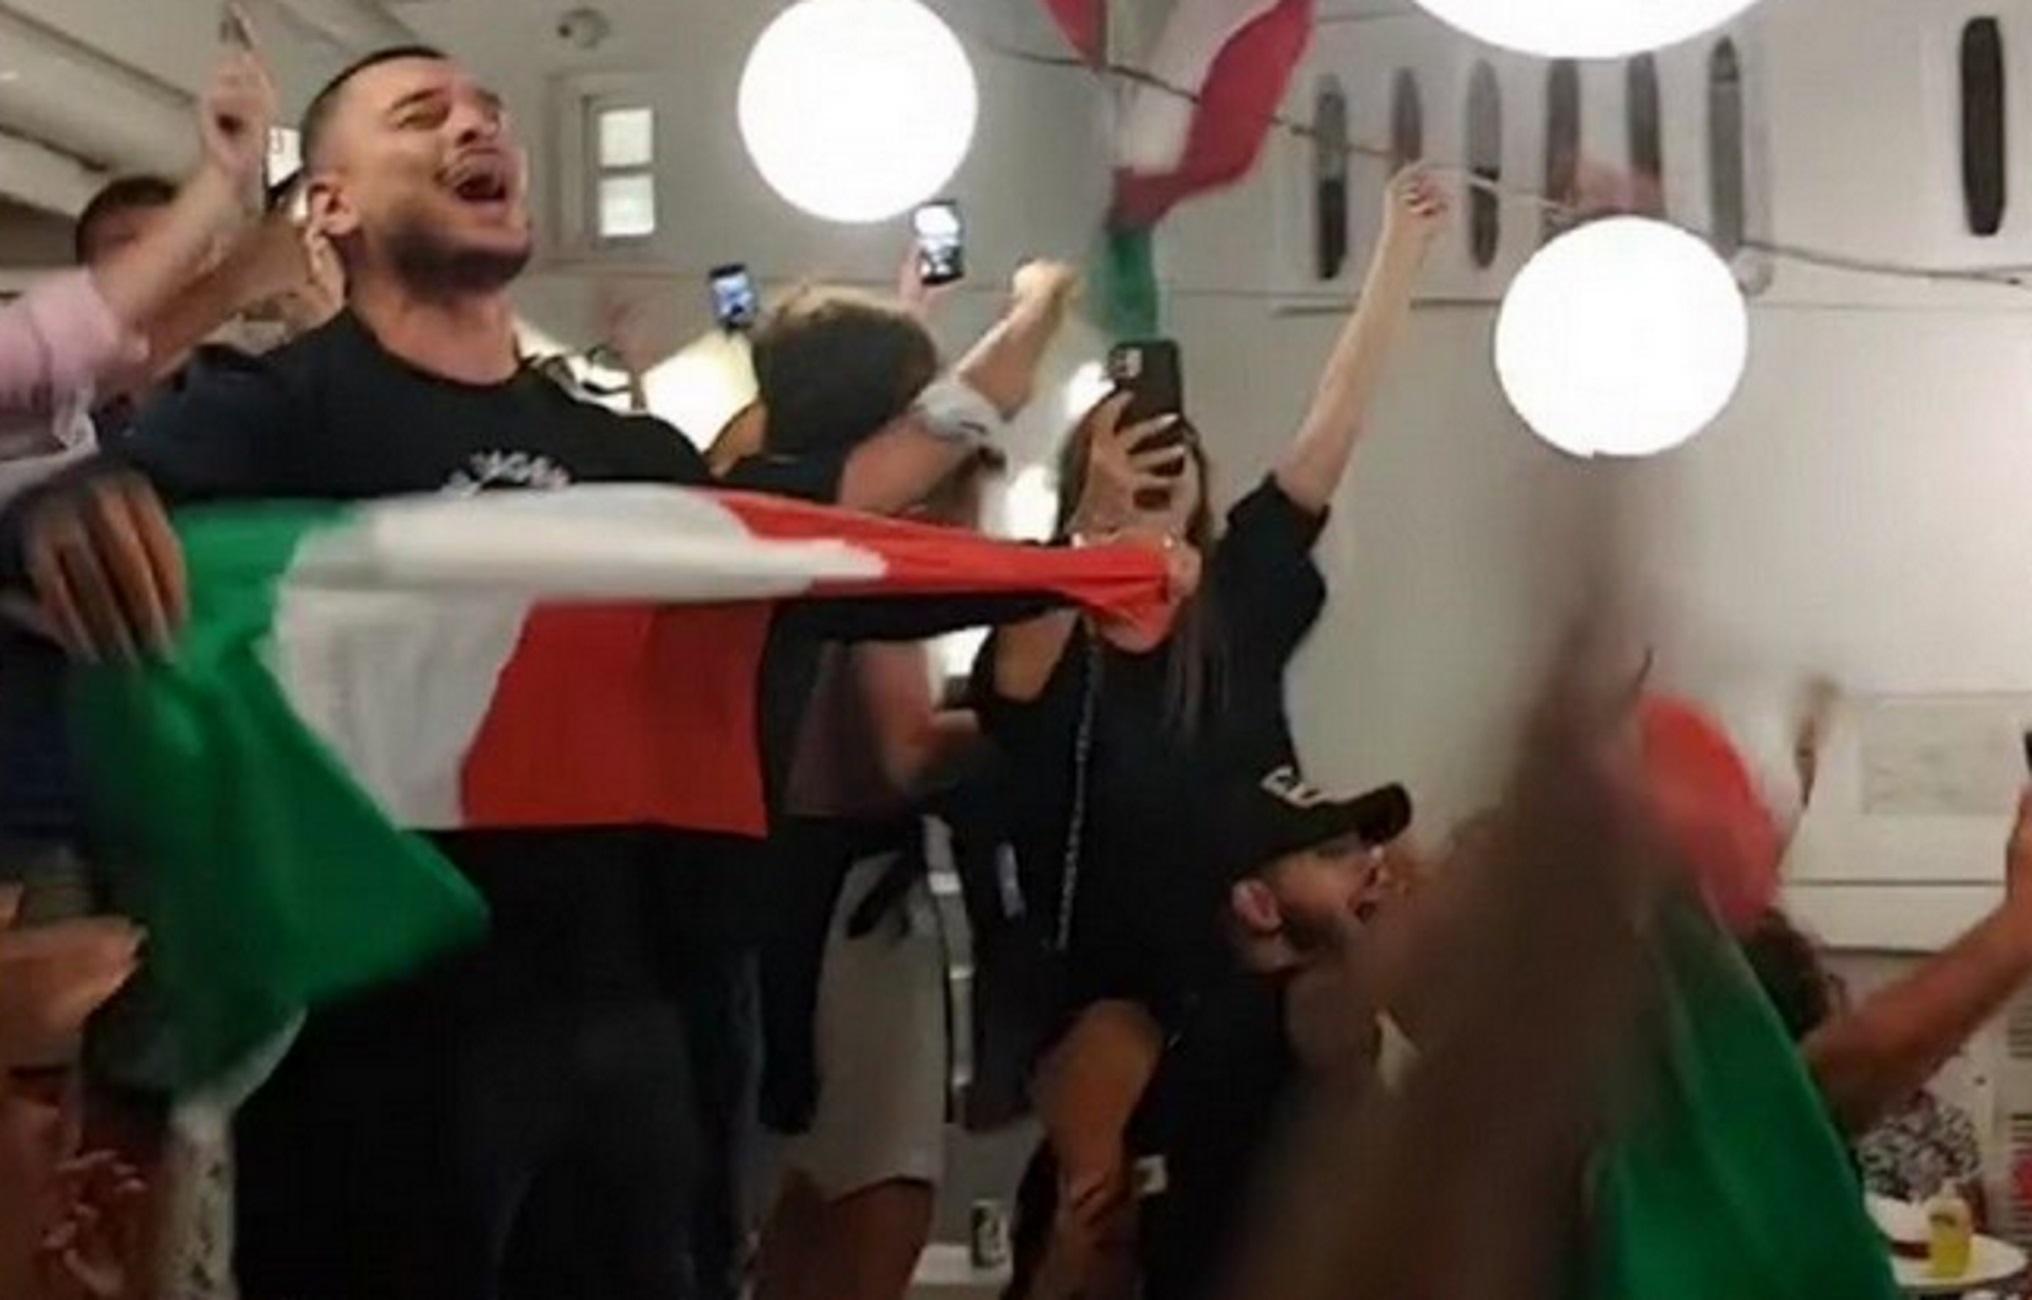 Μύκονος: Πανηγυρισμοί Ιταλών δίχως  προηγούμενο – Δείτε τι έγινε μόλις τελείωσε ο τελικός του Euro